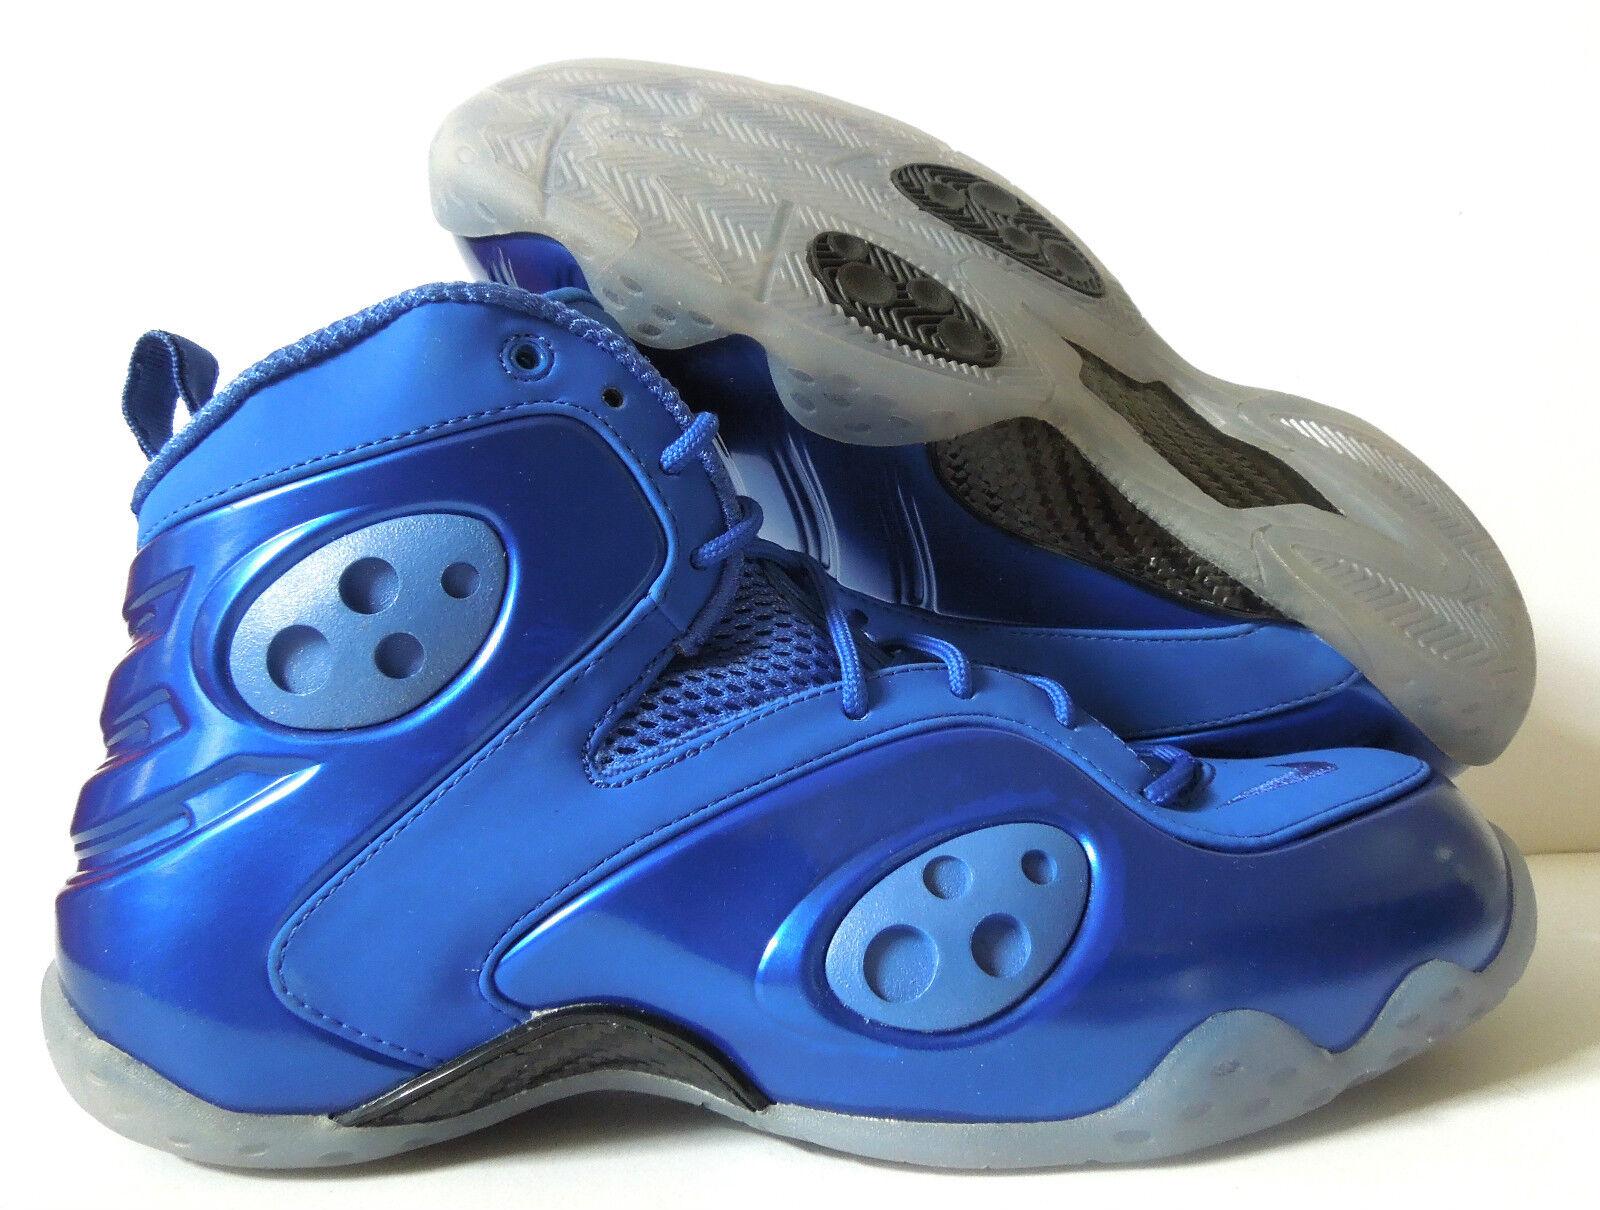 Nike zoom recluta gioco blu reale sz - 472688-403]